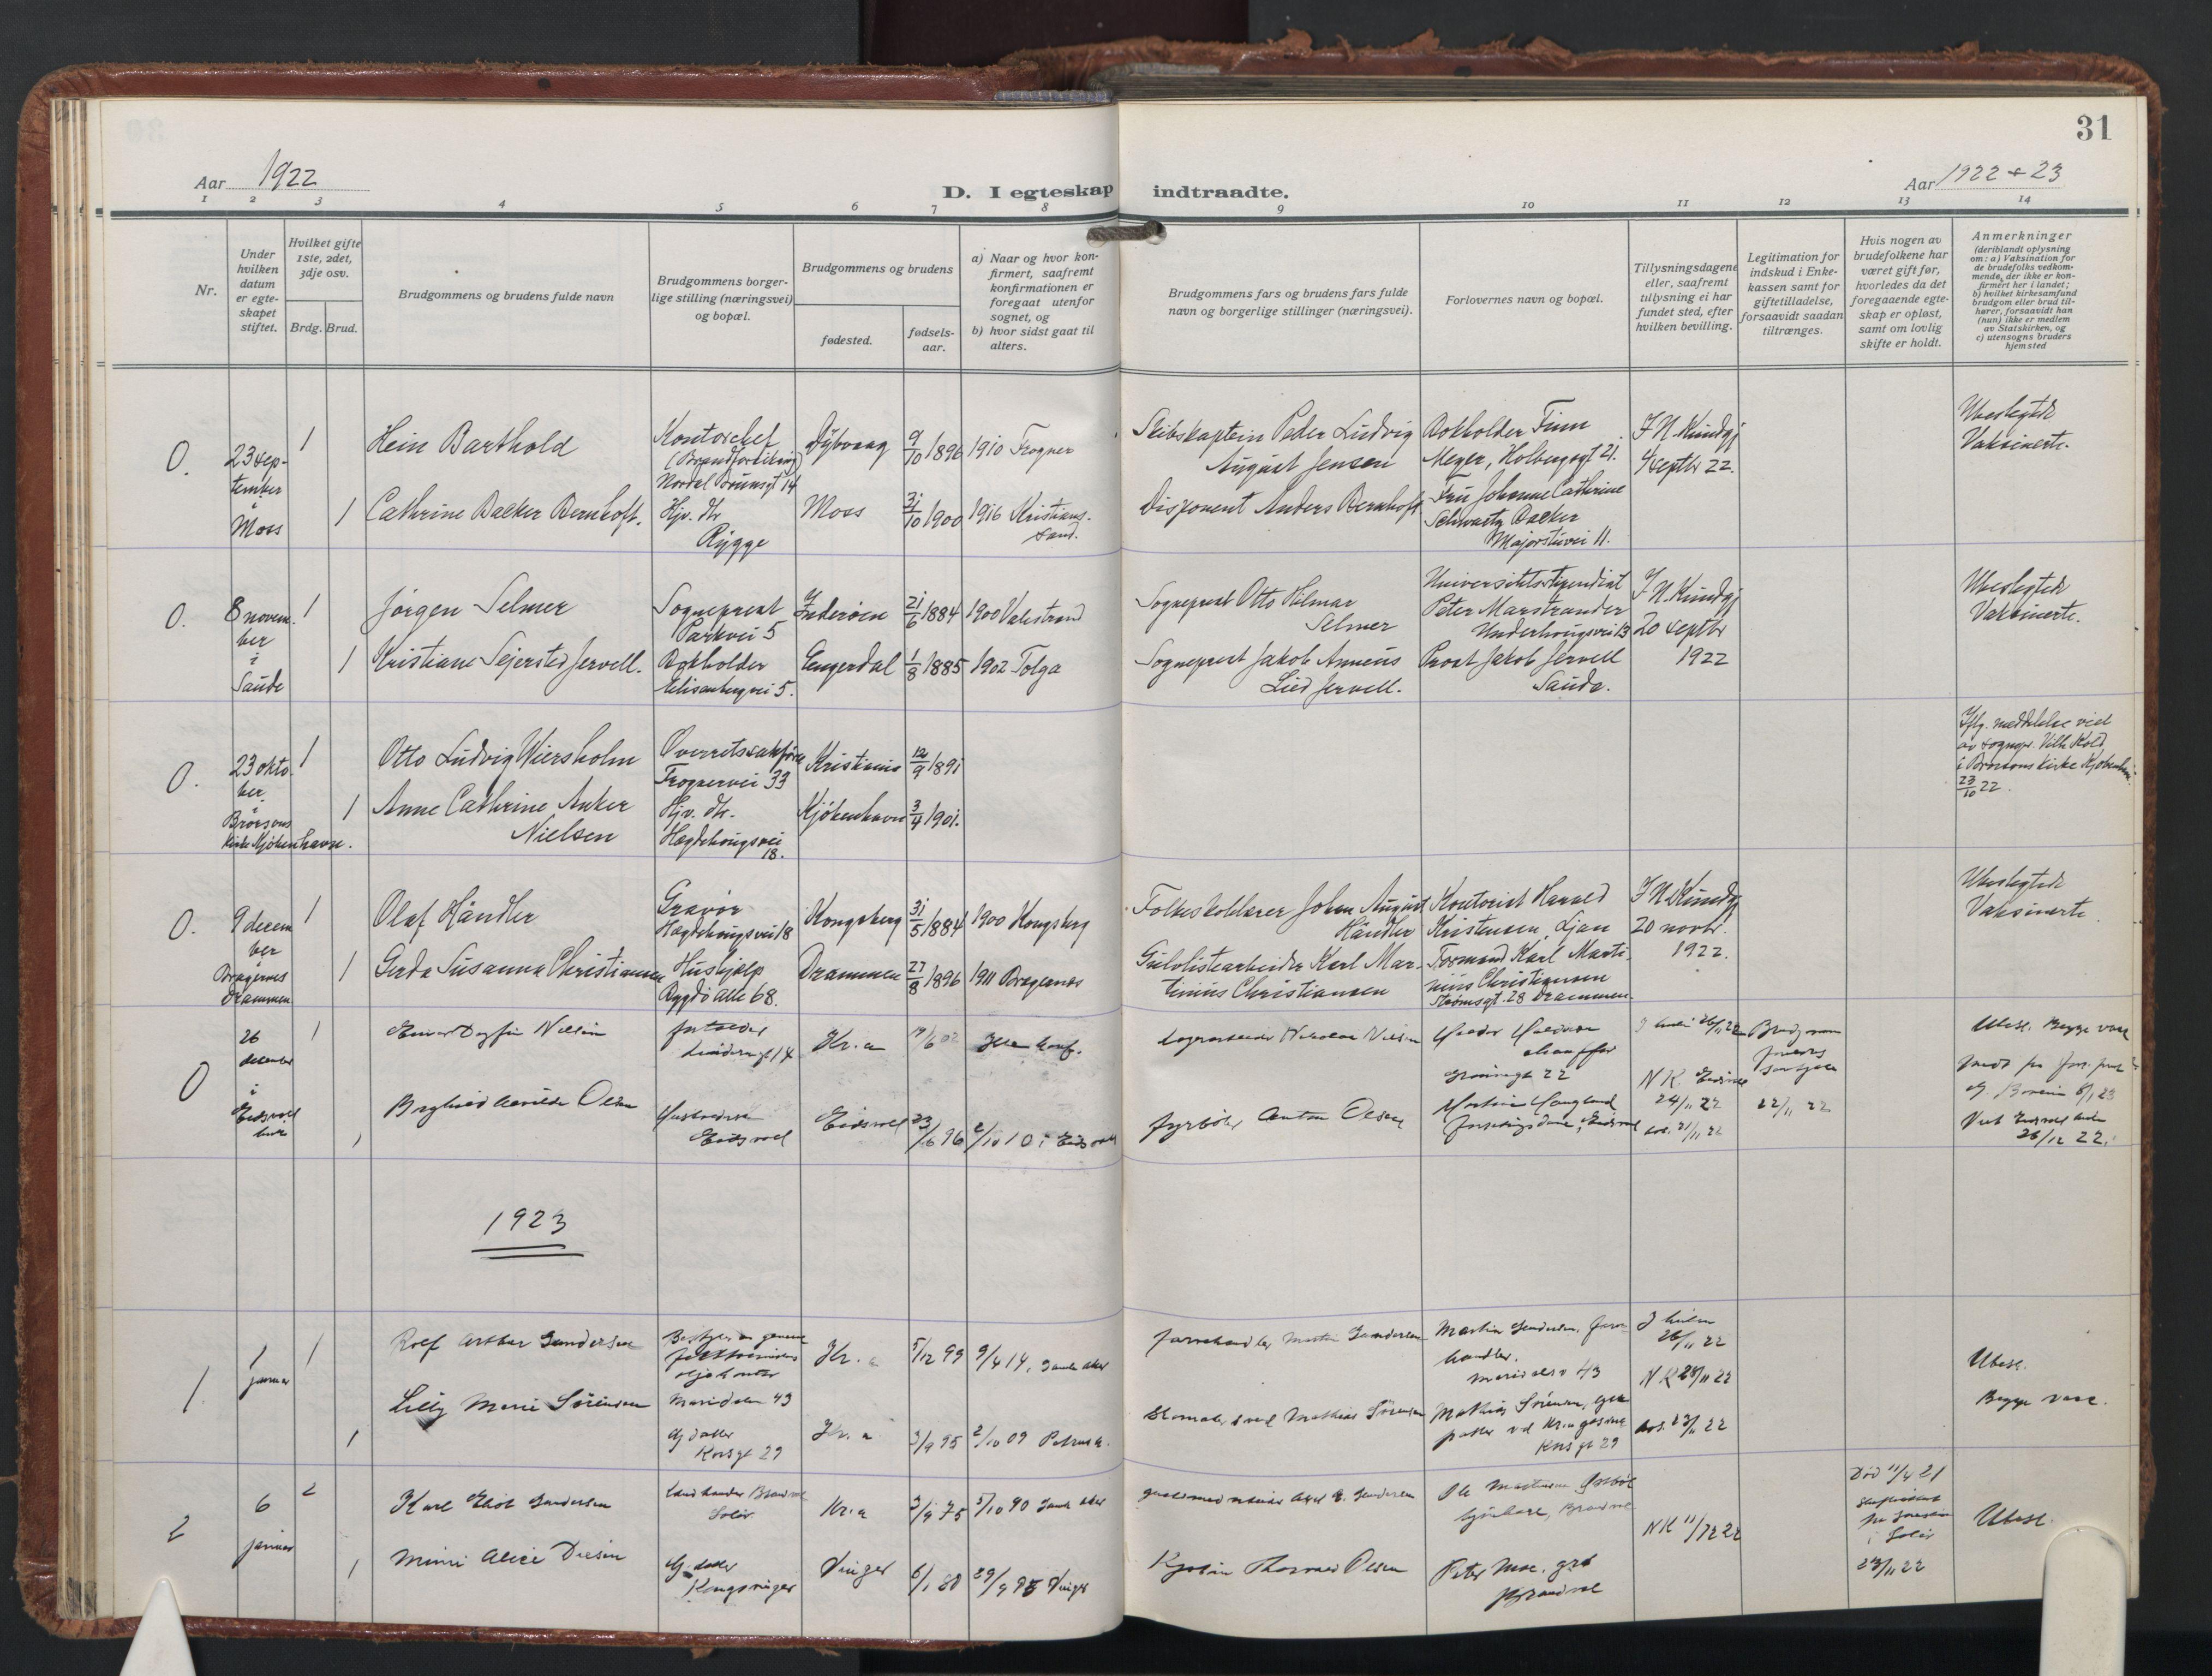 SAO, Trefoldighet prestekontor Kirkebøker, F/Fc/L0009: Ministerialbok nr. III 9, 1922-1936, s. 31